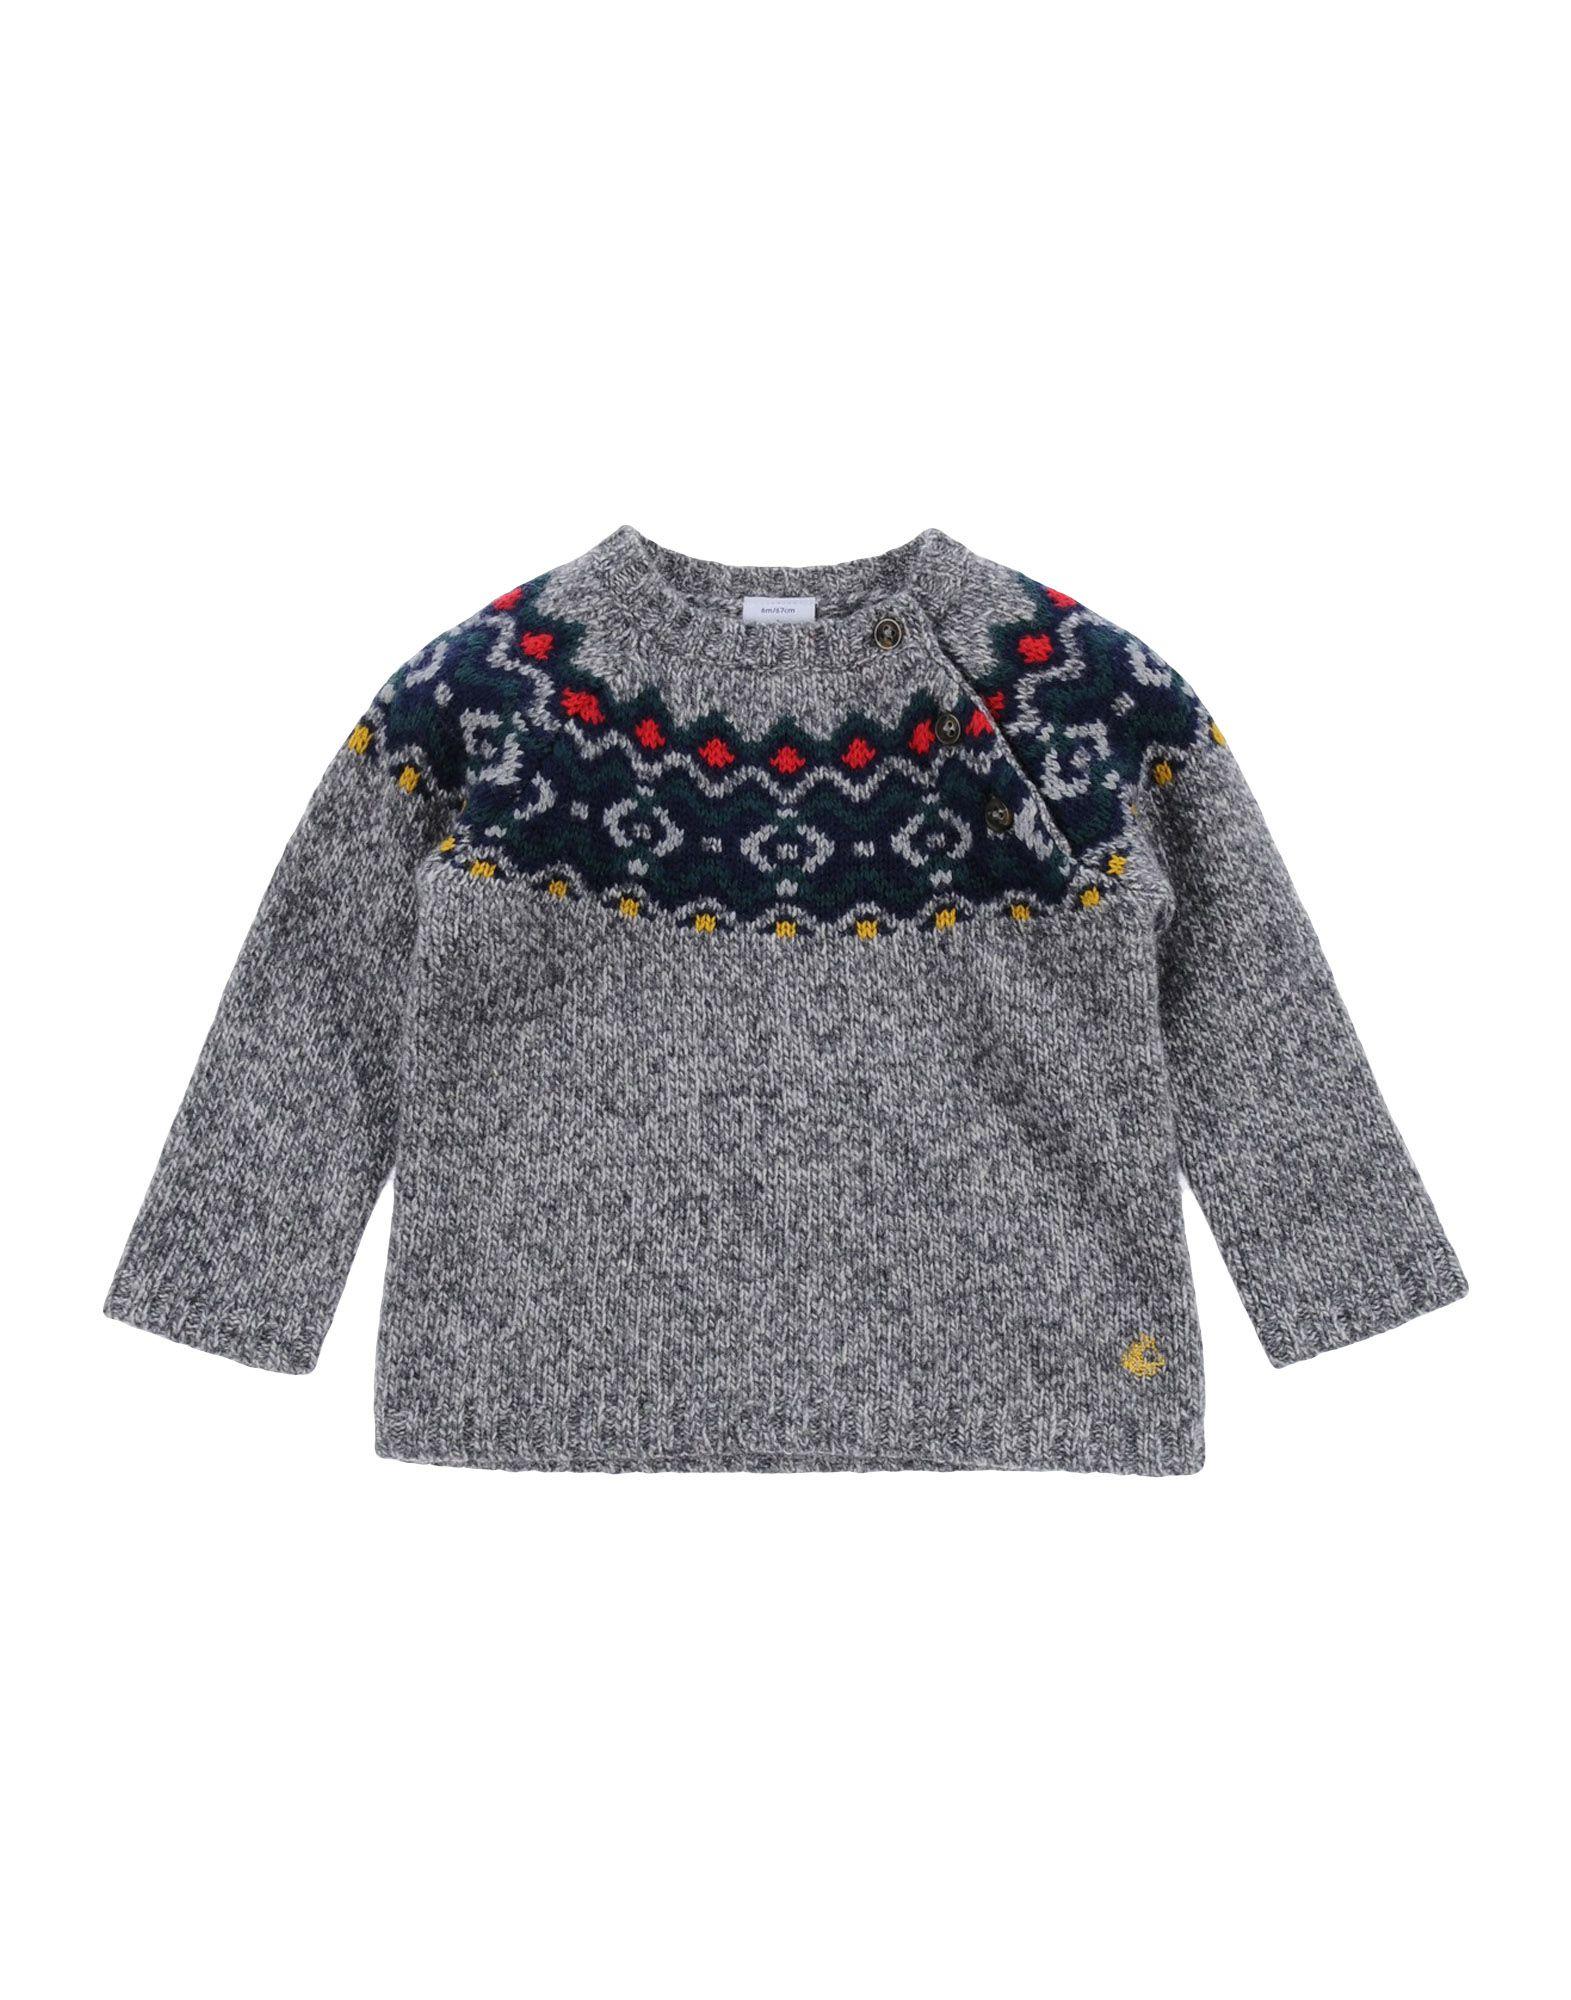 PETIT BATEAU Sweater in Grey